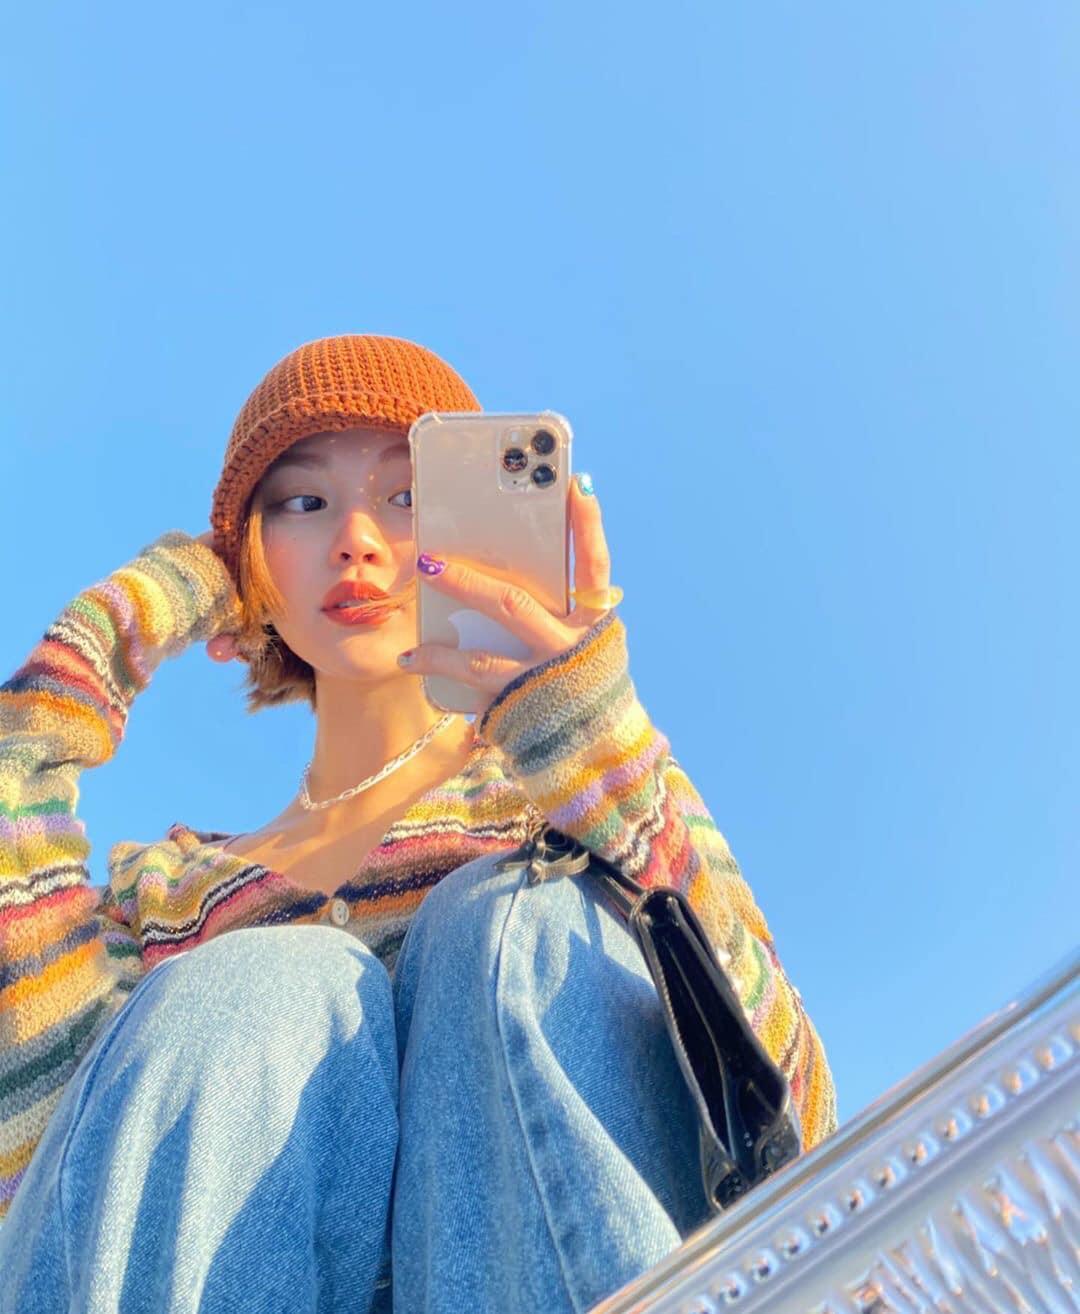 Selfie với gương ngoài trời